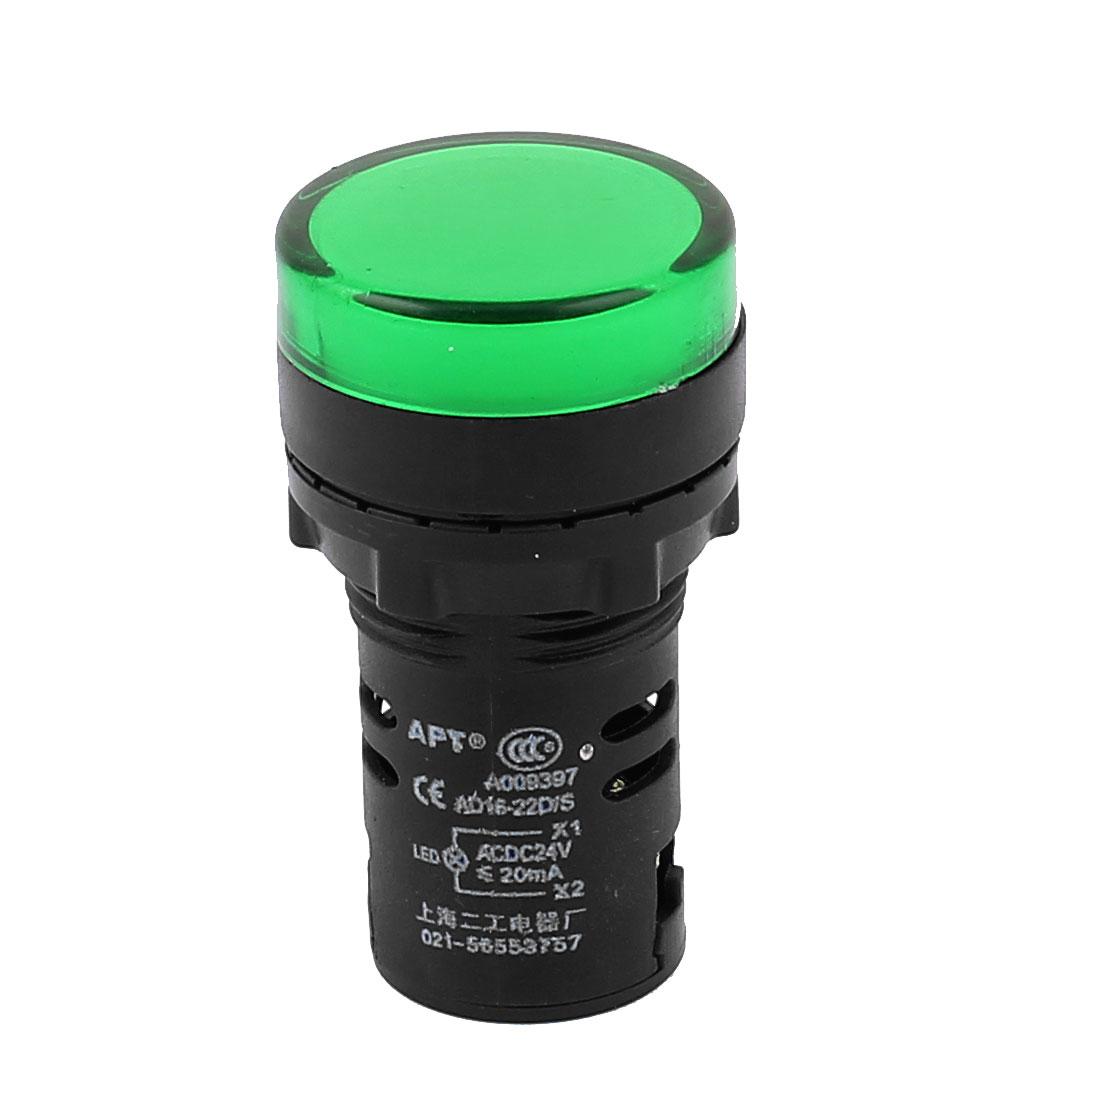 Plastic LED Pilot Panel Turn Indicator Light 21mm AC/DC 24V 20MA